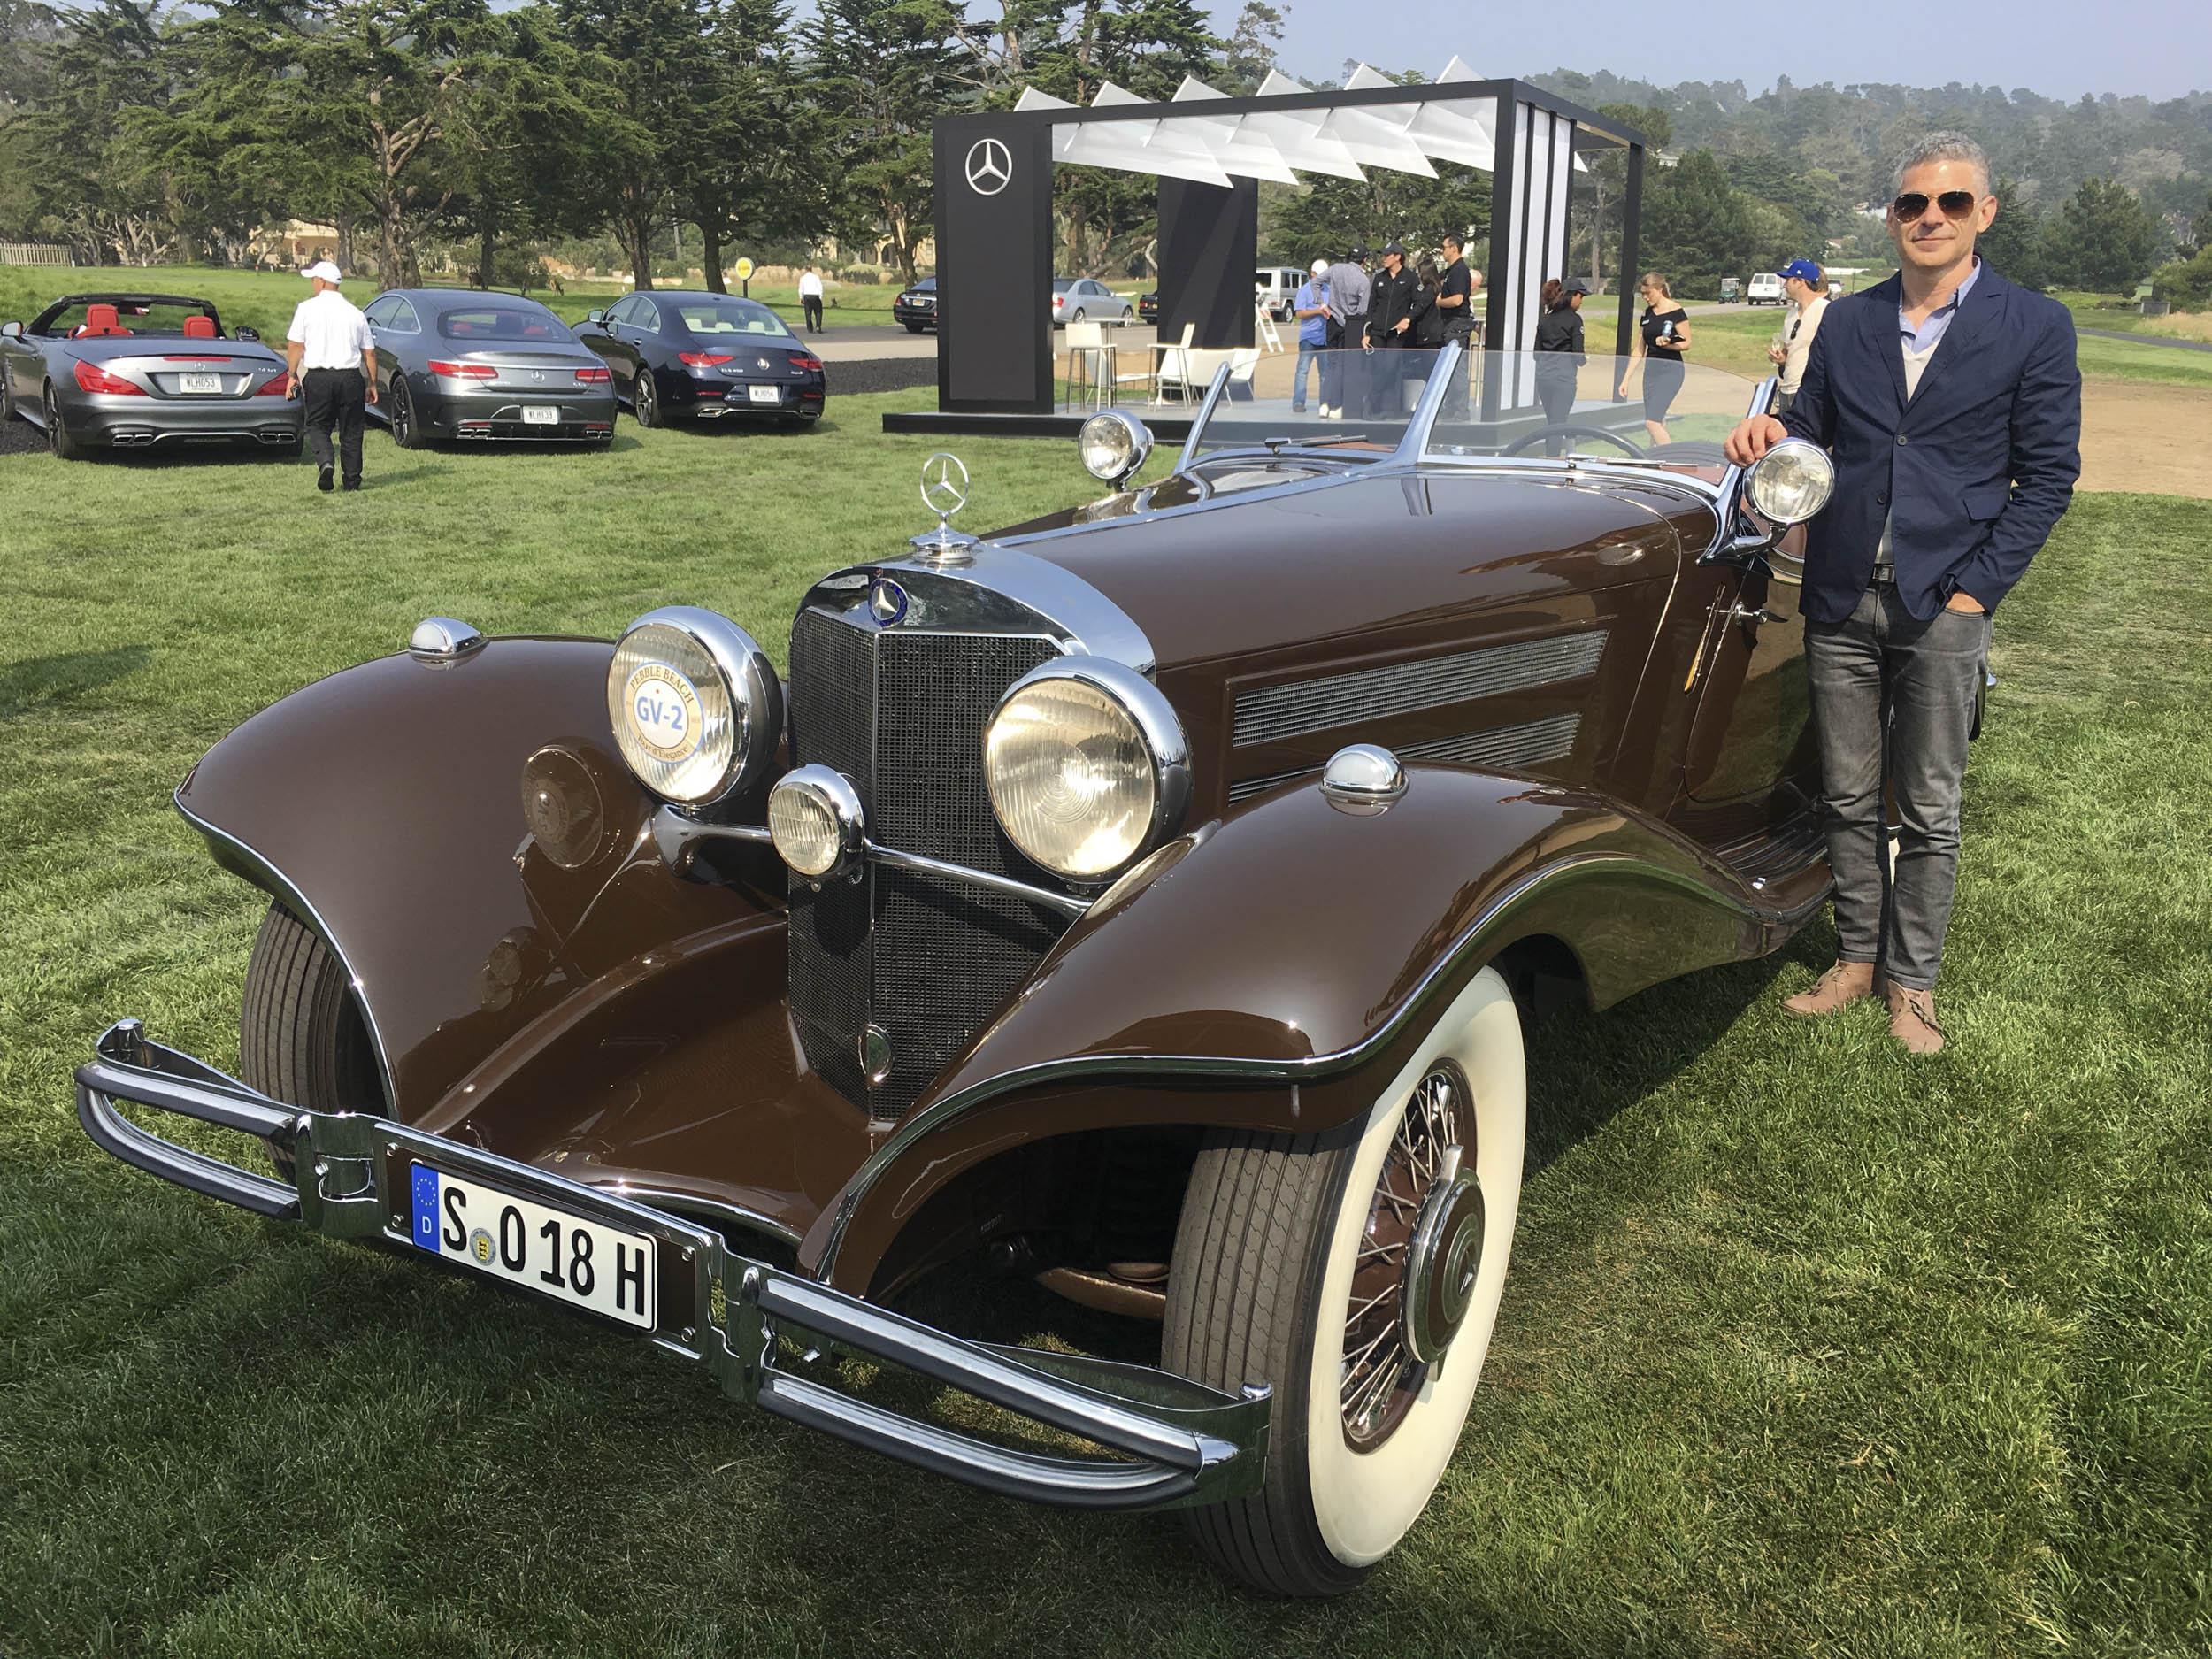 Brett Berk standing next to a 1935 Mercedes-Benz 540K